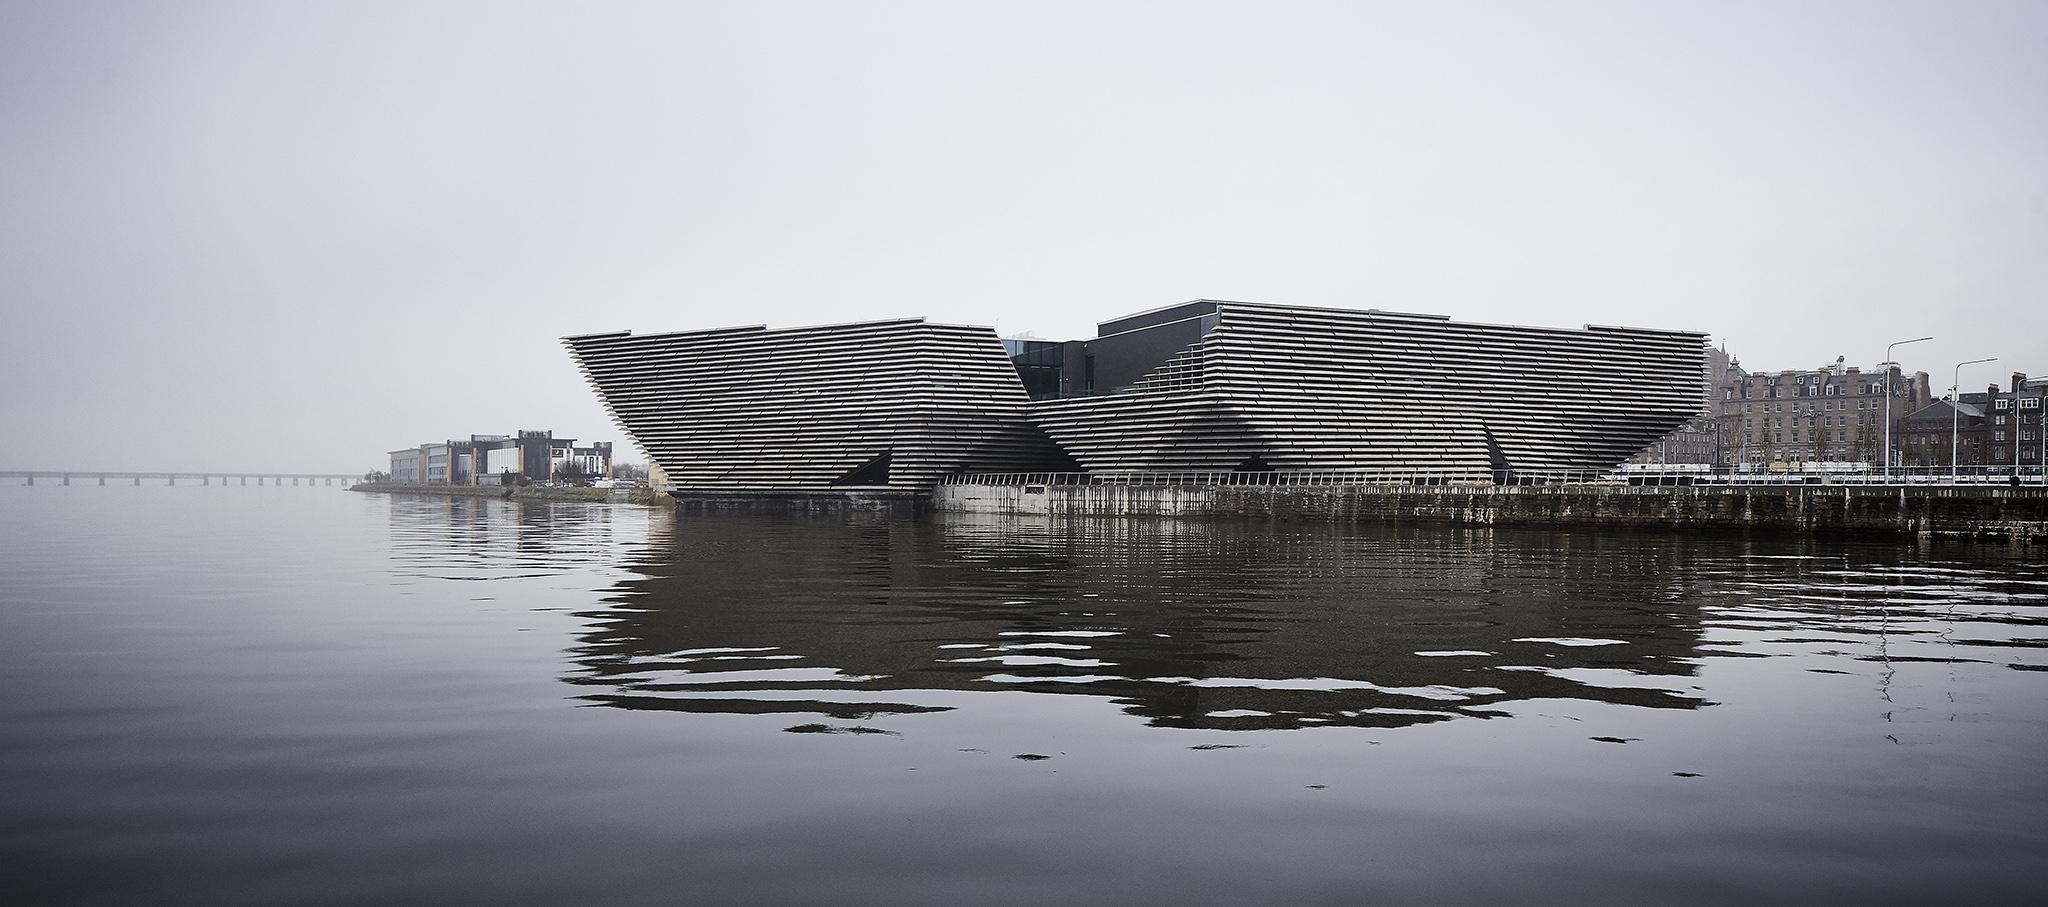 V&A Dundee Museum por Kengo Kuma. Fotografía por Hufton + Crow